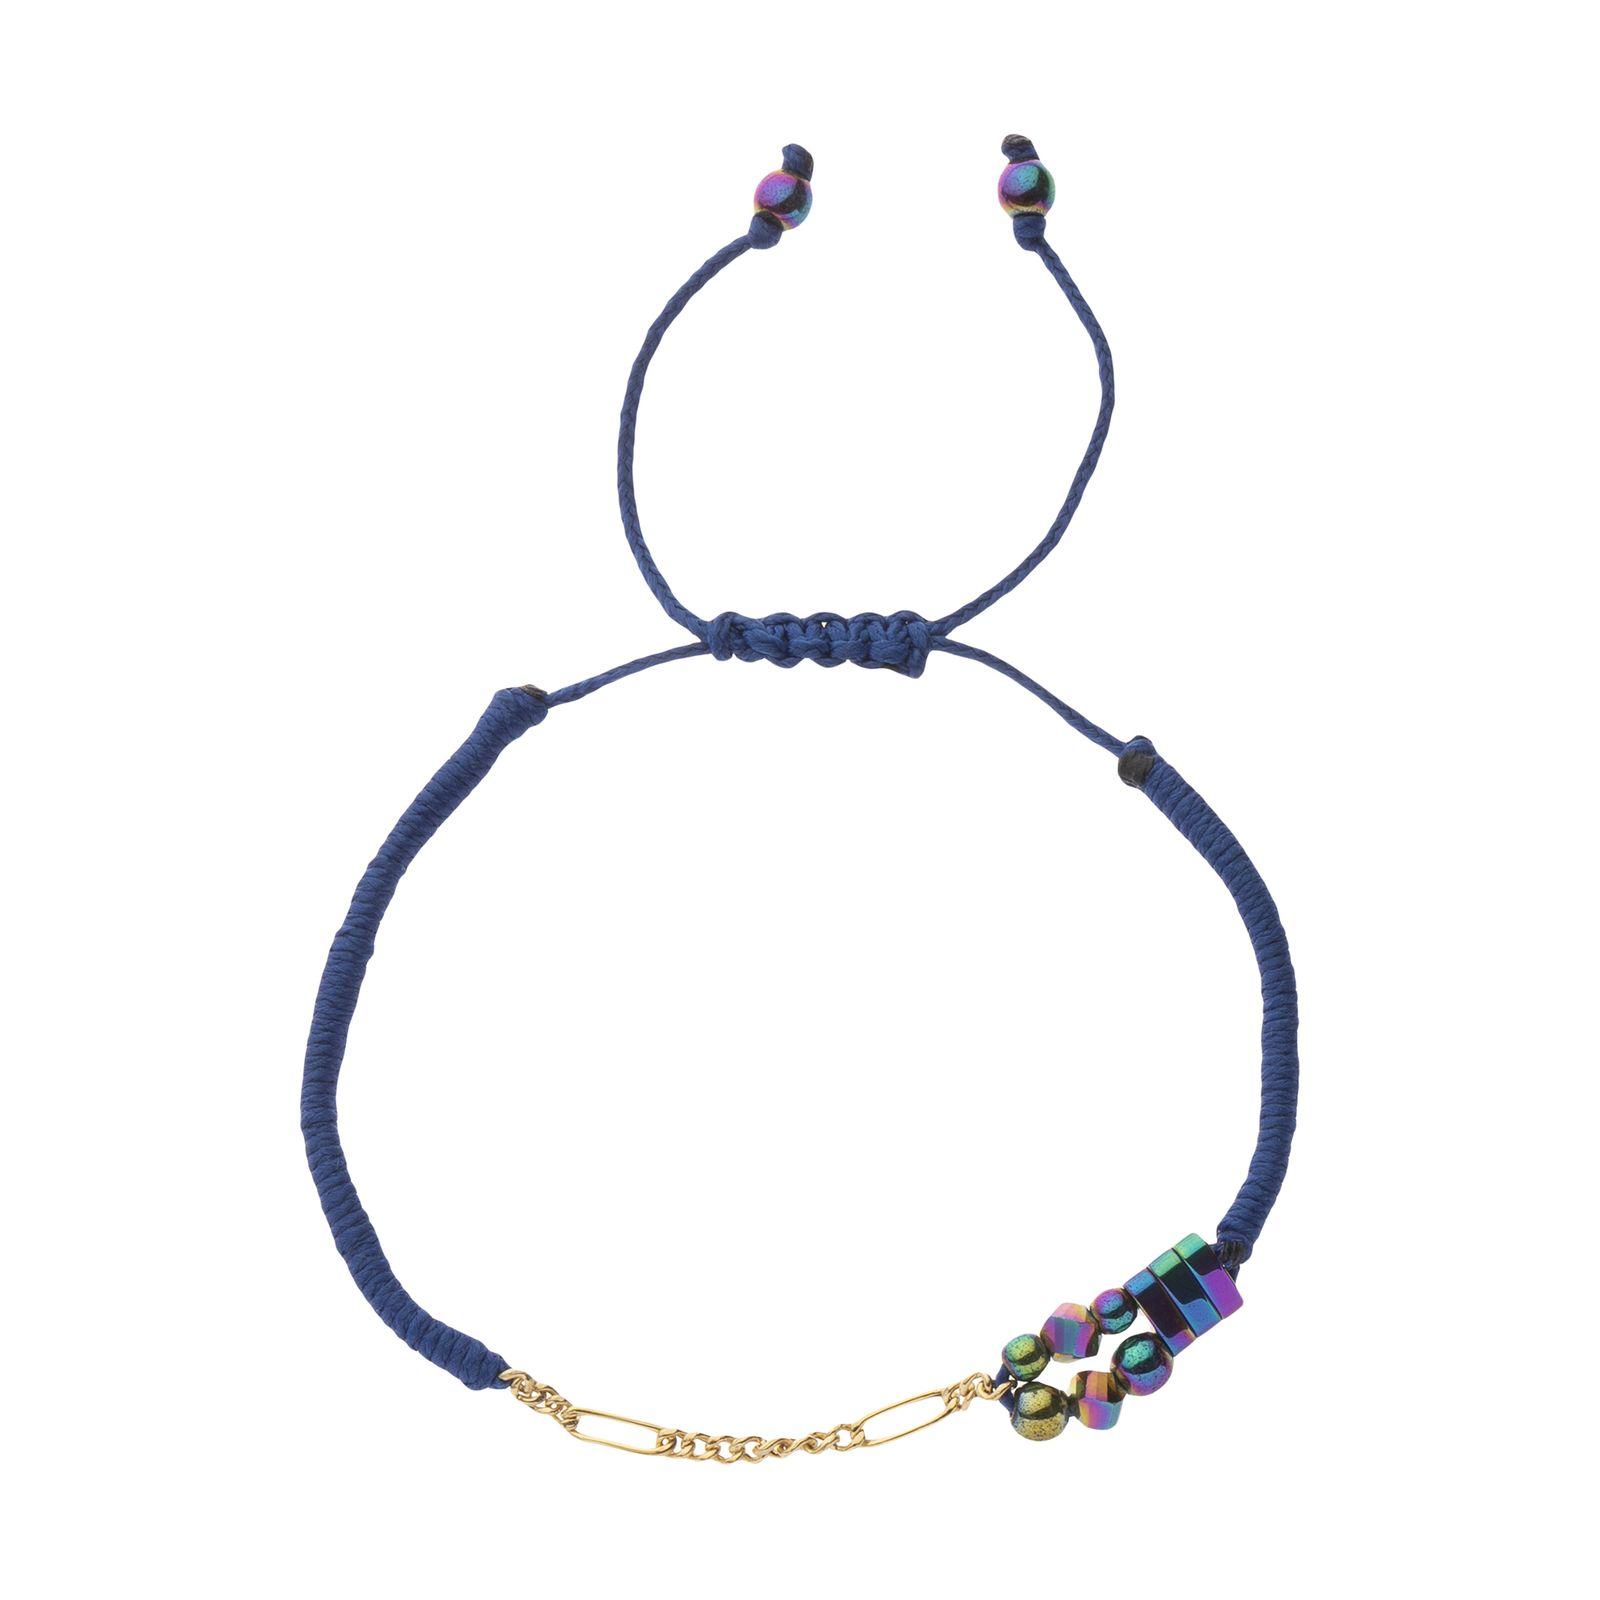 دستبند طلا زنانه سنجاق مدل x094287 -  - 2